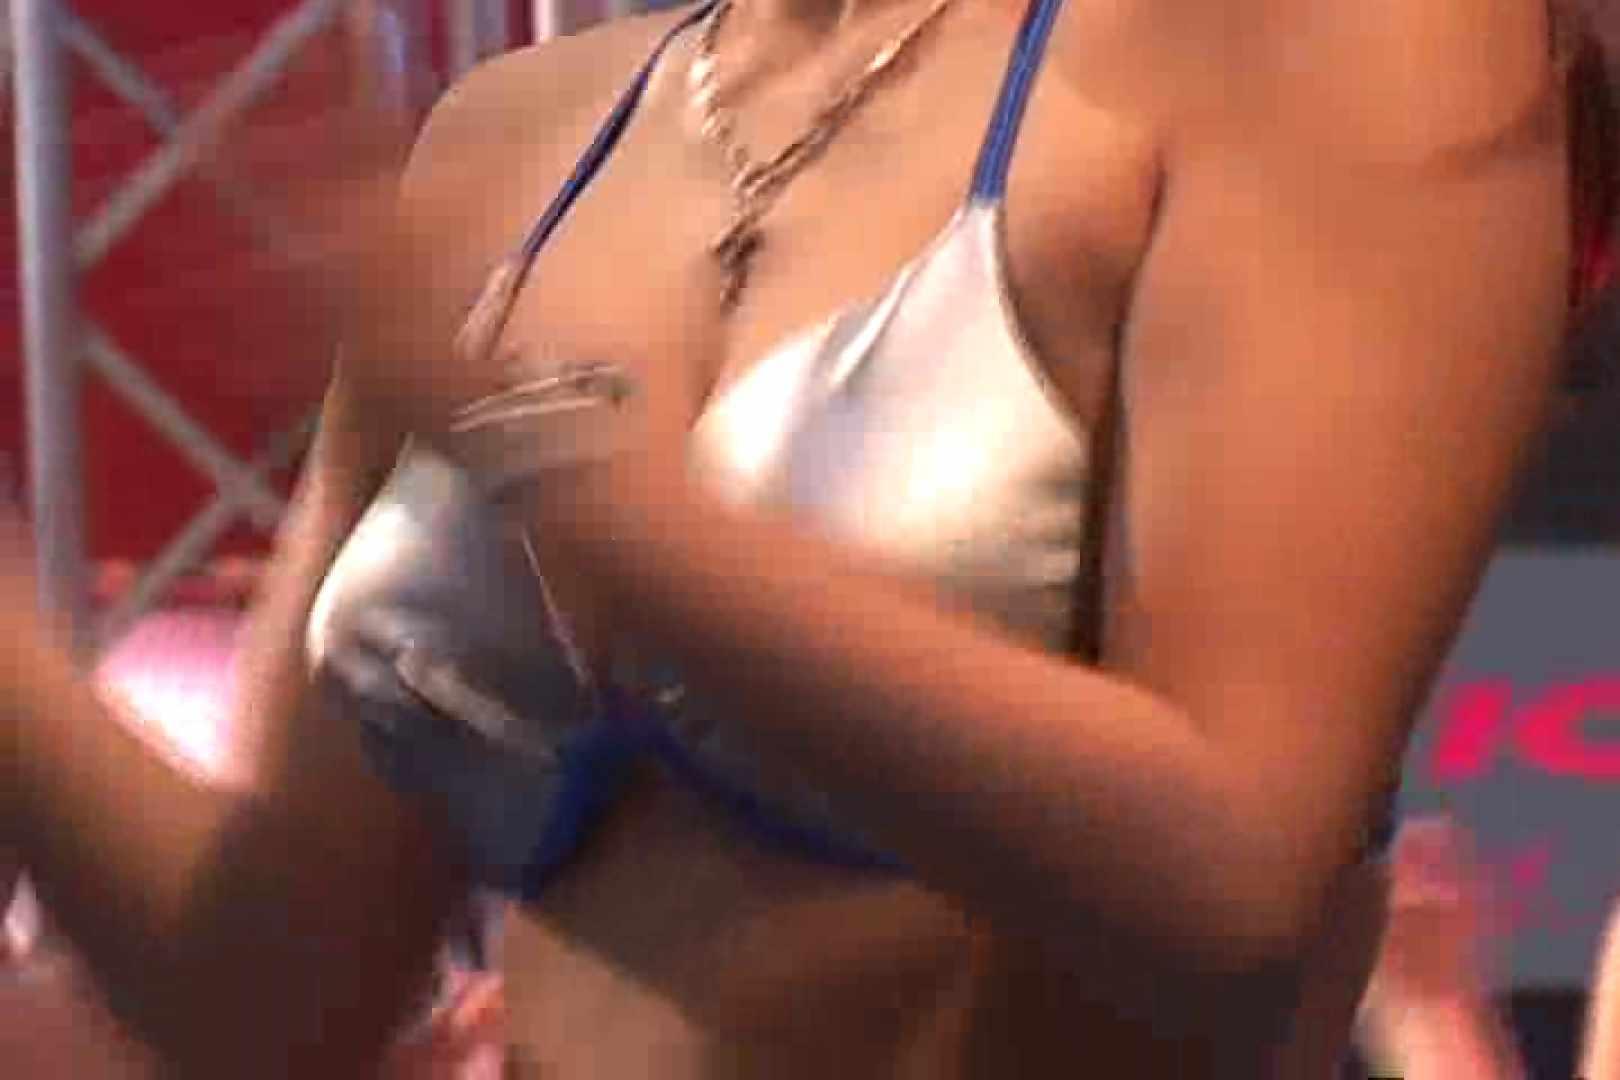 胸チラはもらった~!!胸元争奪戦!!Vol.2 胸チラ   OLセックス  73画像 61